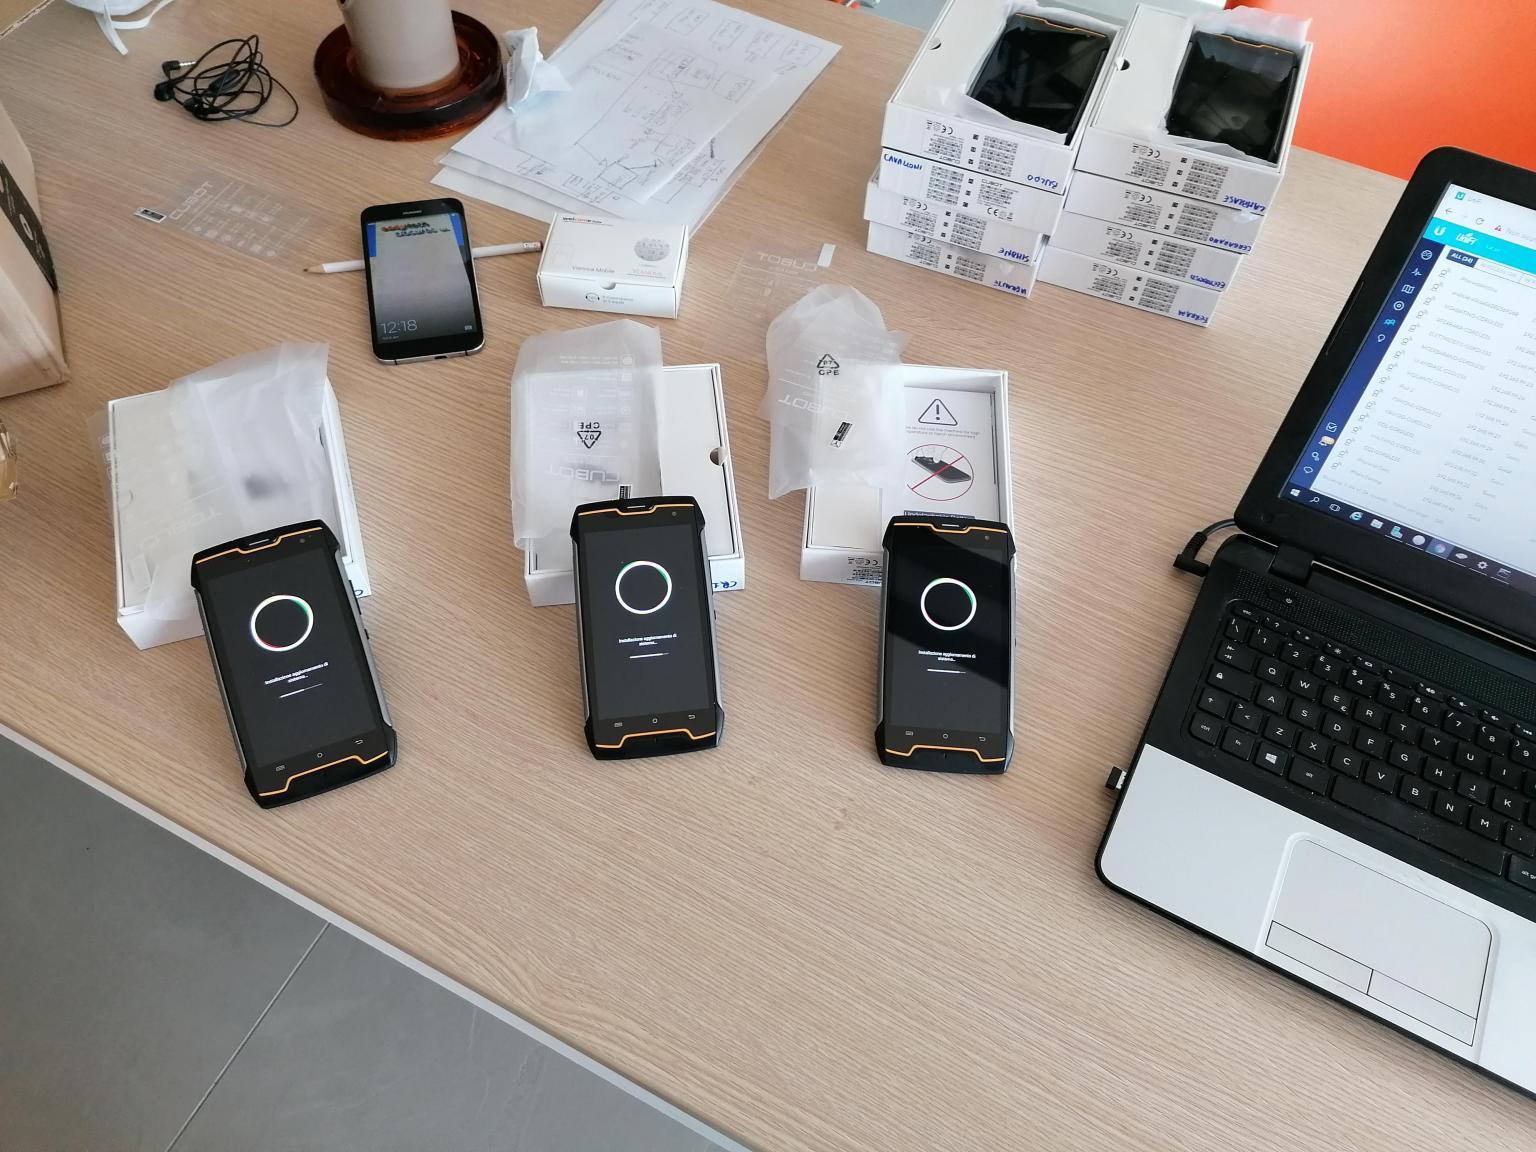 Easytech Closures Centrex Mobile